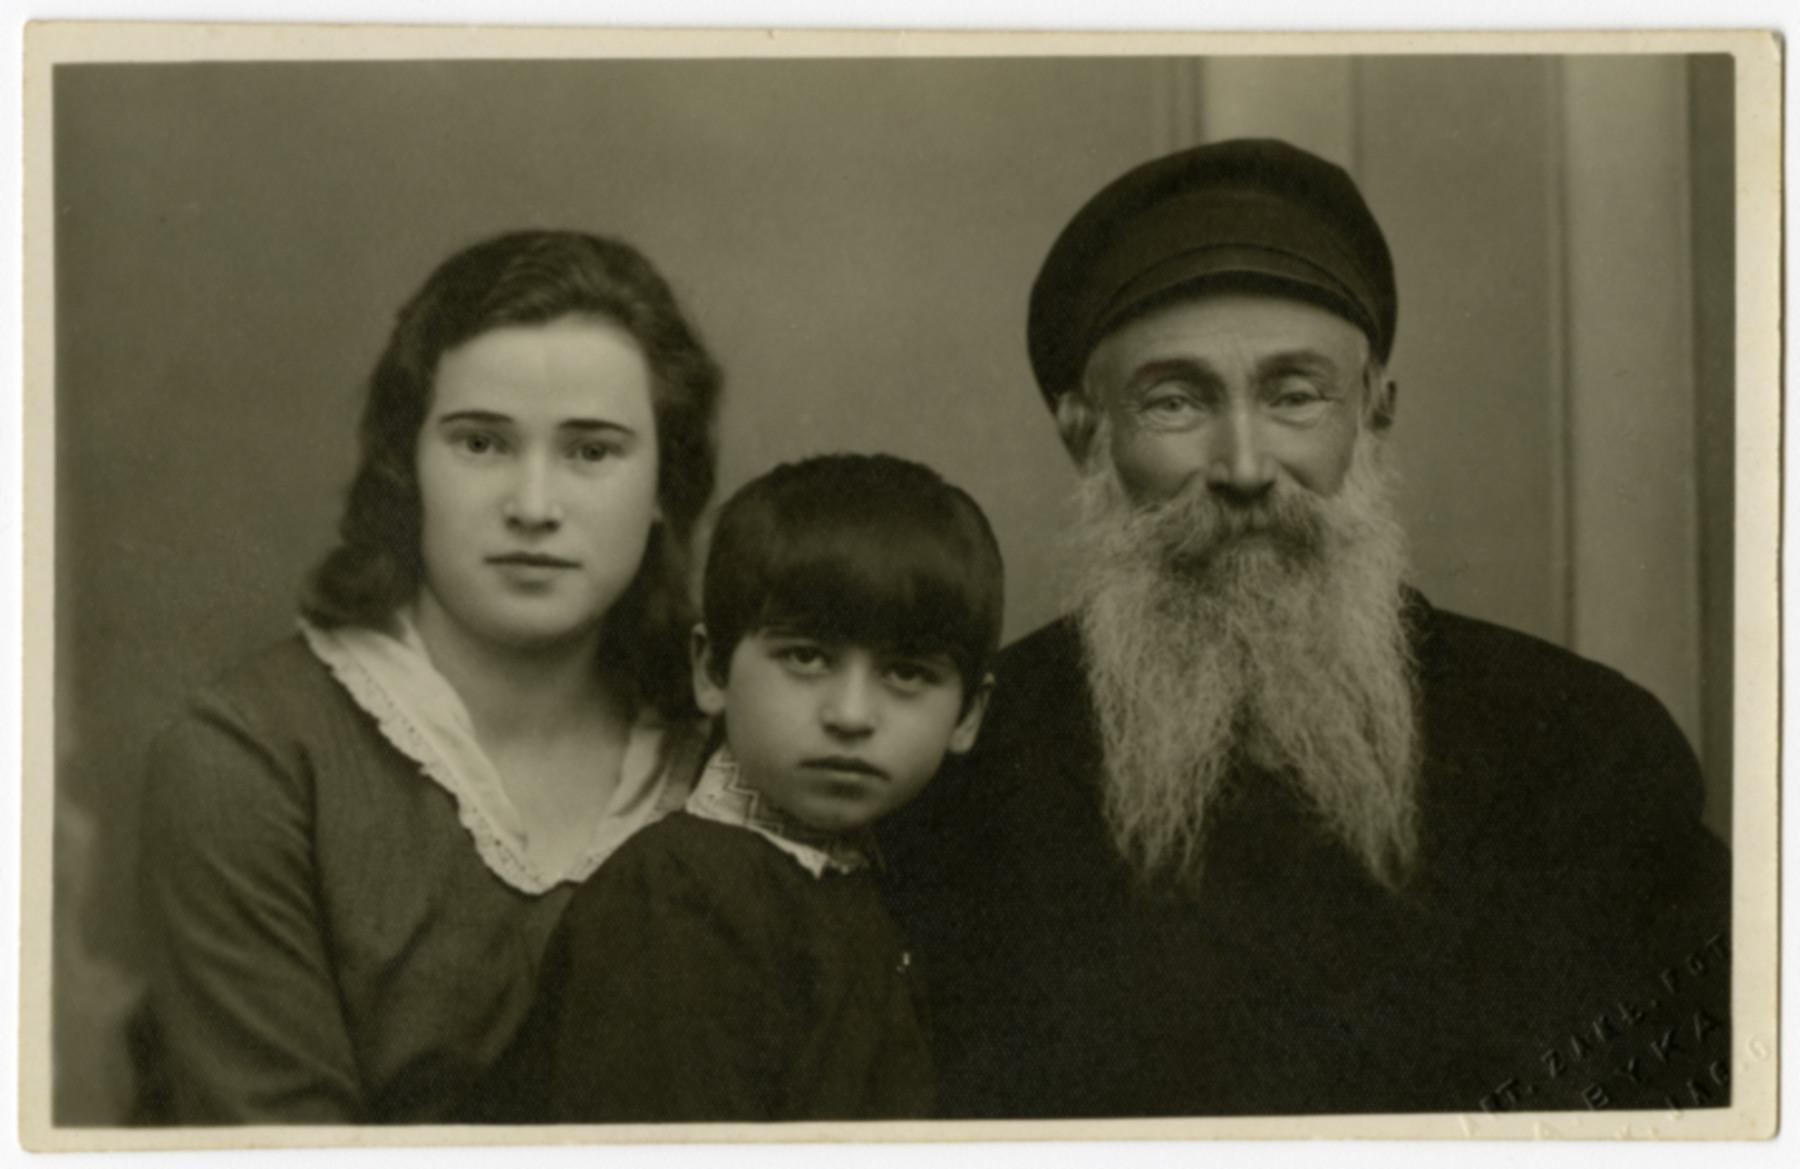 Studio portrait of the Schwartz family.  Pictured aer Brandla Szojchet, a niece and Reuven Schwartz (her father).